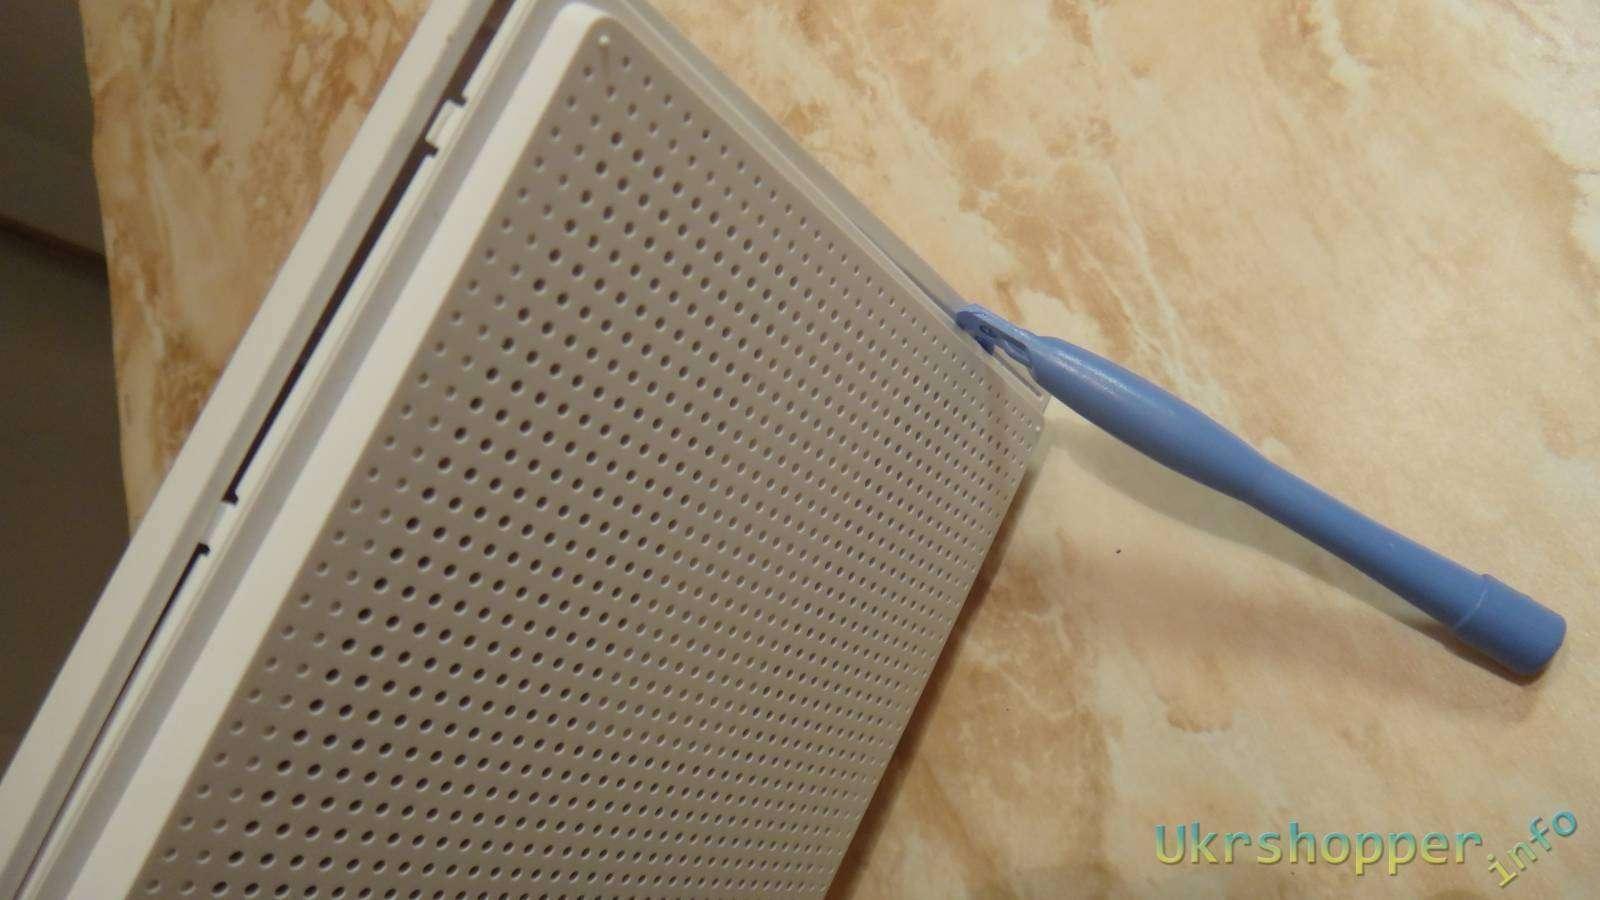 EachBuyer: Походный набор инструментов для ремонта смартфонов, планшетов и прочей электроники